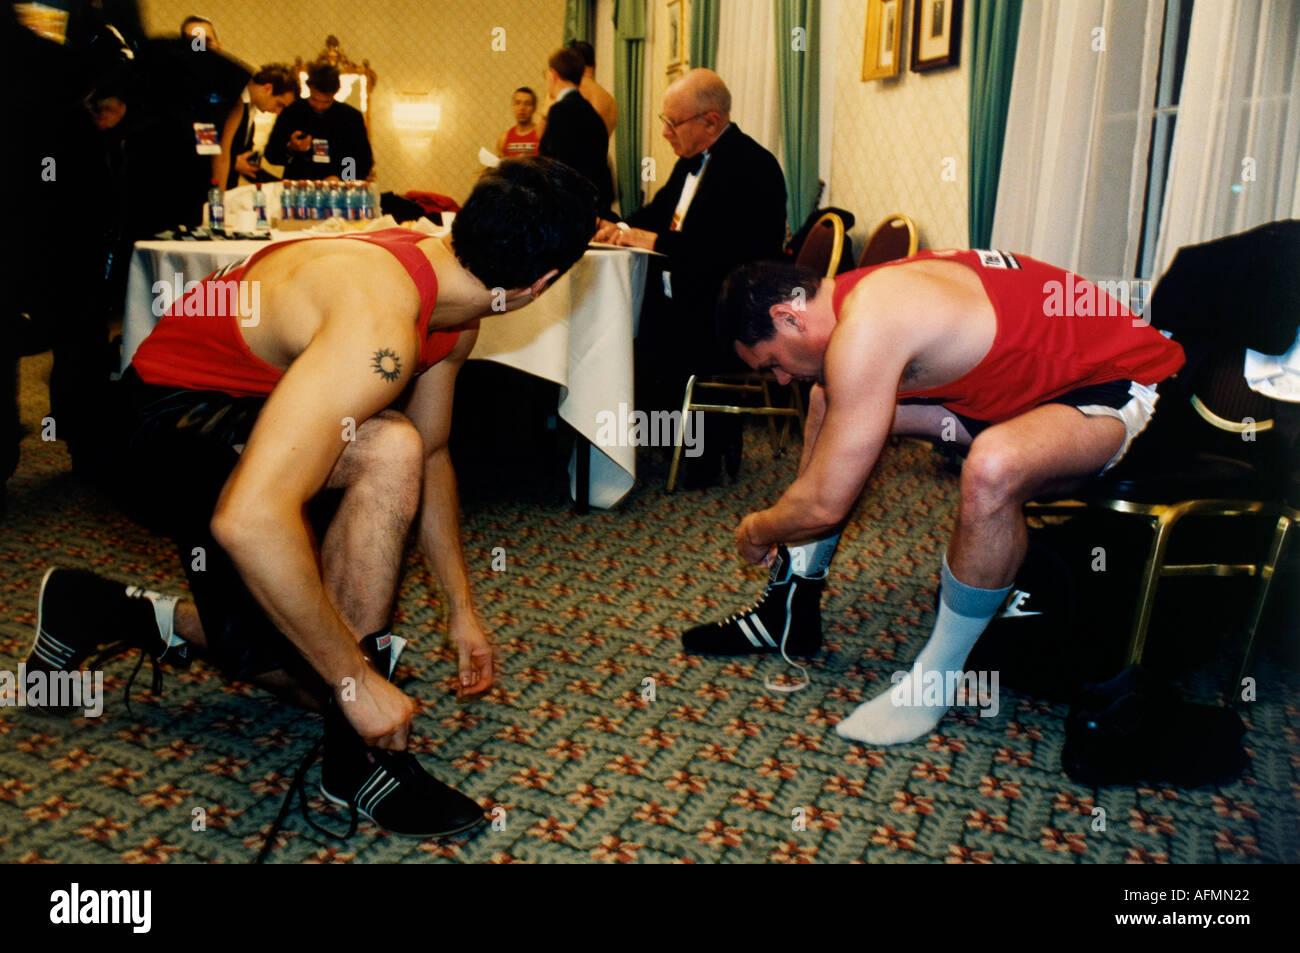 La vera lotta club partecipanti dell'alta adrenalina sport di contatto del collare bianco boxe Immagini Stock